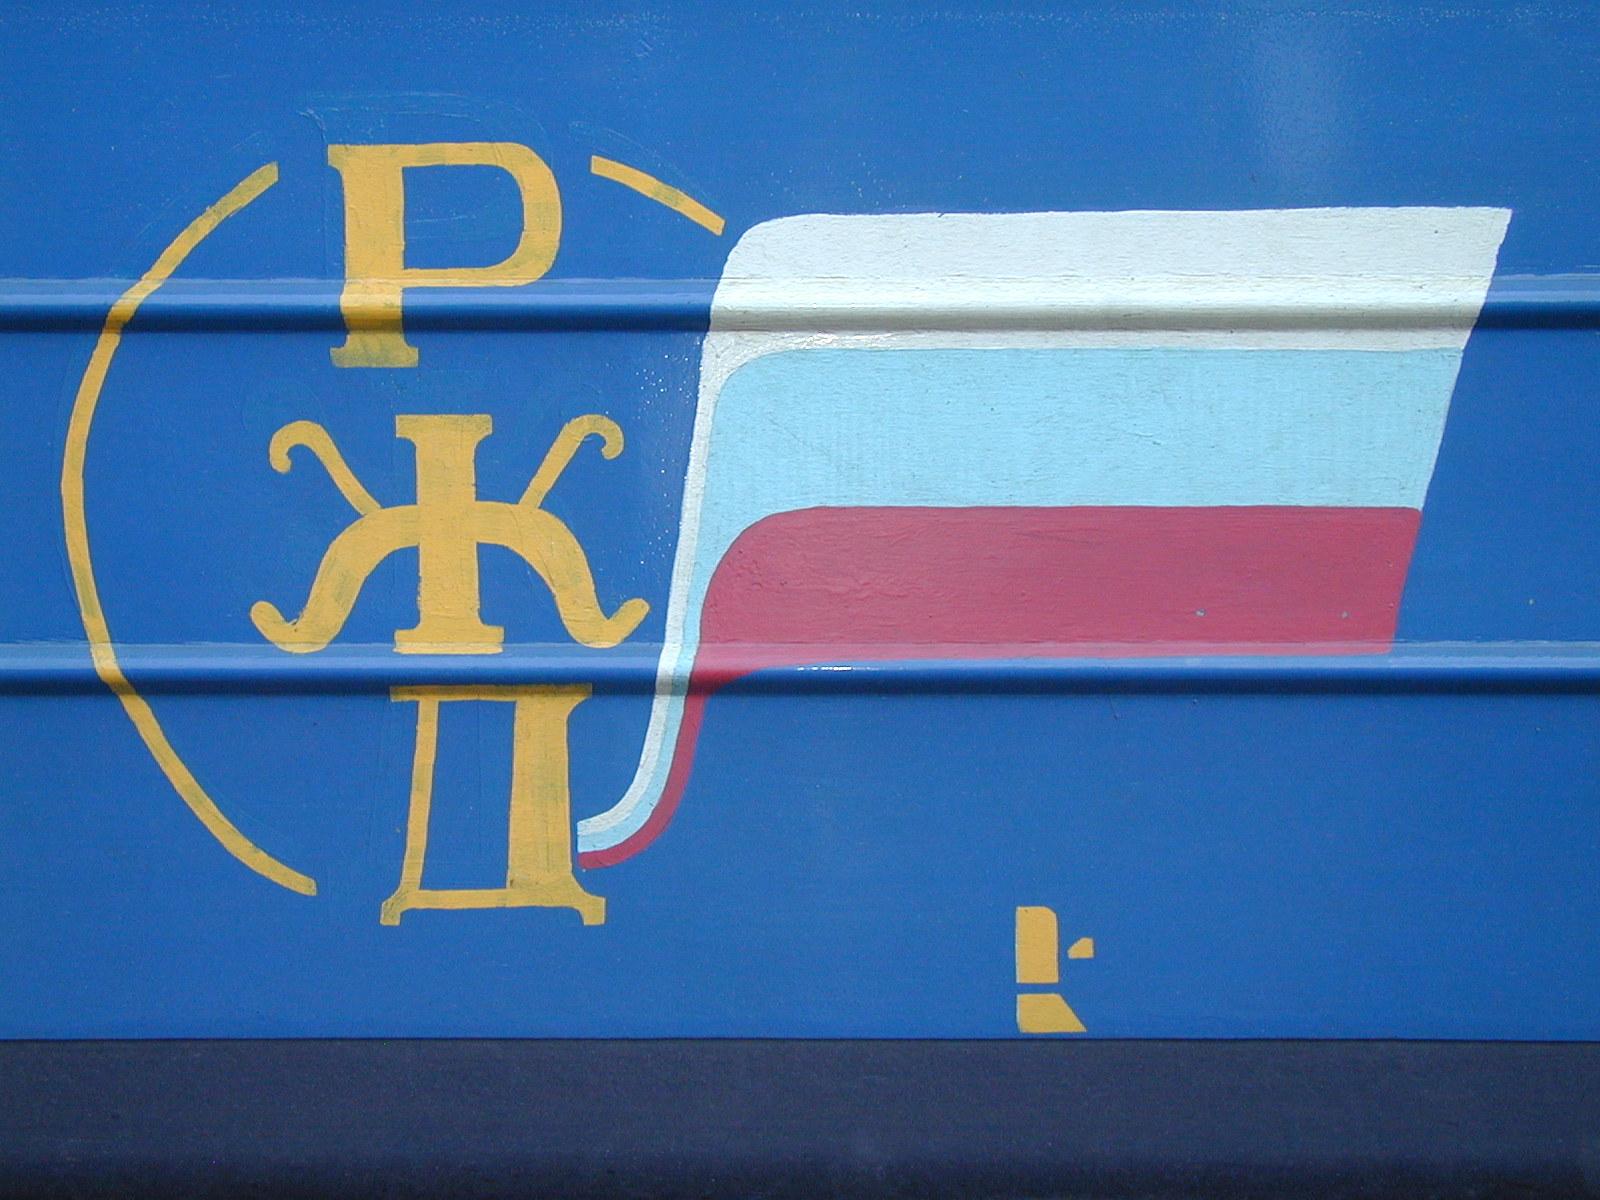 Bahnreise mit russichem Zug-Detail während einer Reise mit der Transsibirische Eisenbahn